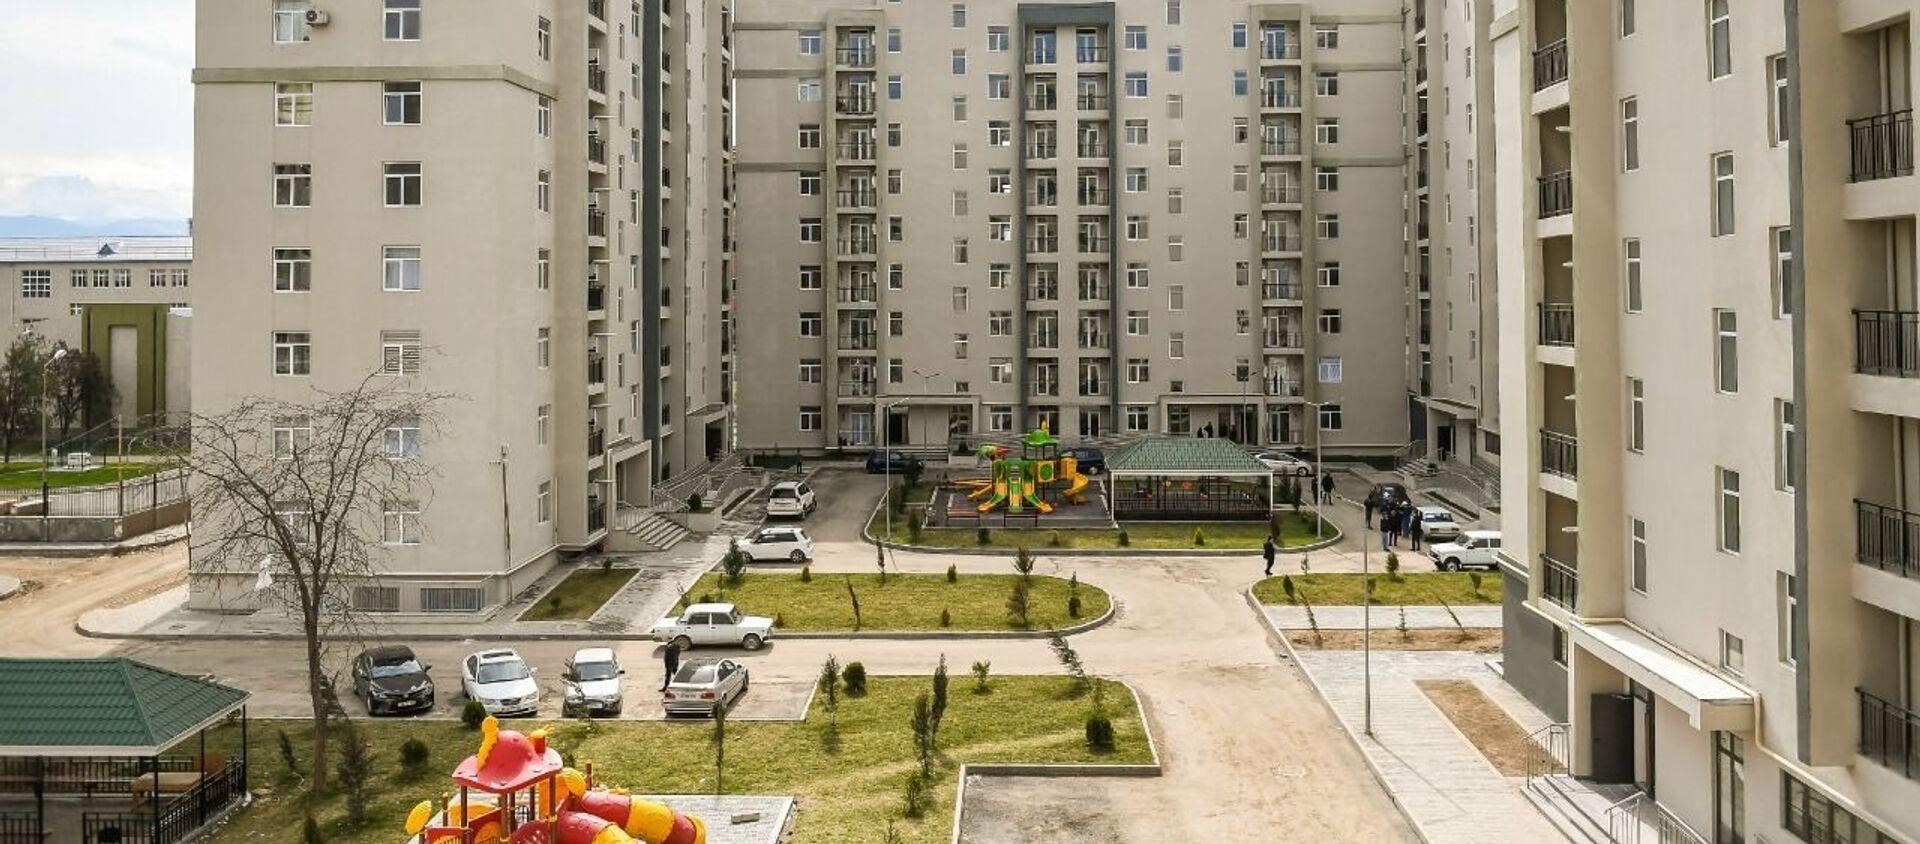 Группе граждан, чьи дома разрушены вследствие ракетных ударов Армении по Гяндже, предоставлены новые квартиры - Sputnik Азербайджан, 1920, 22.03.2021